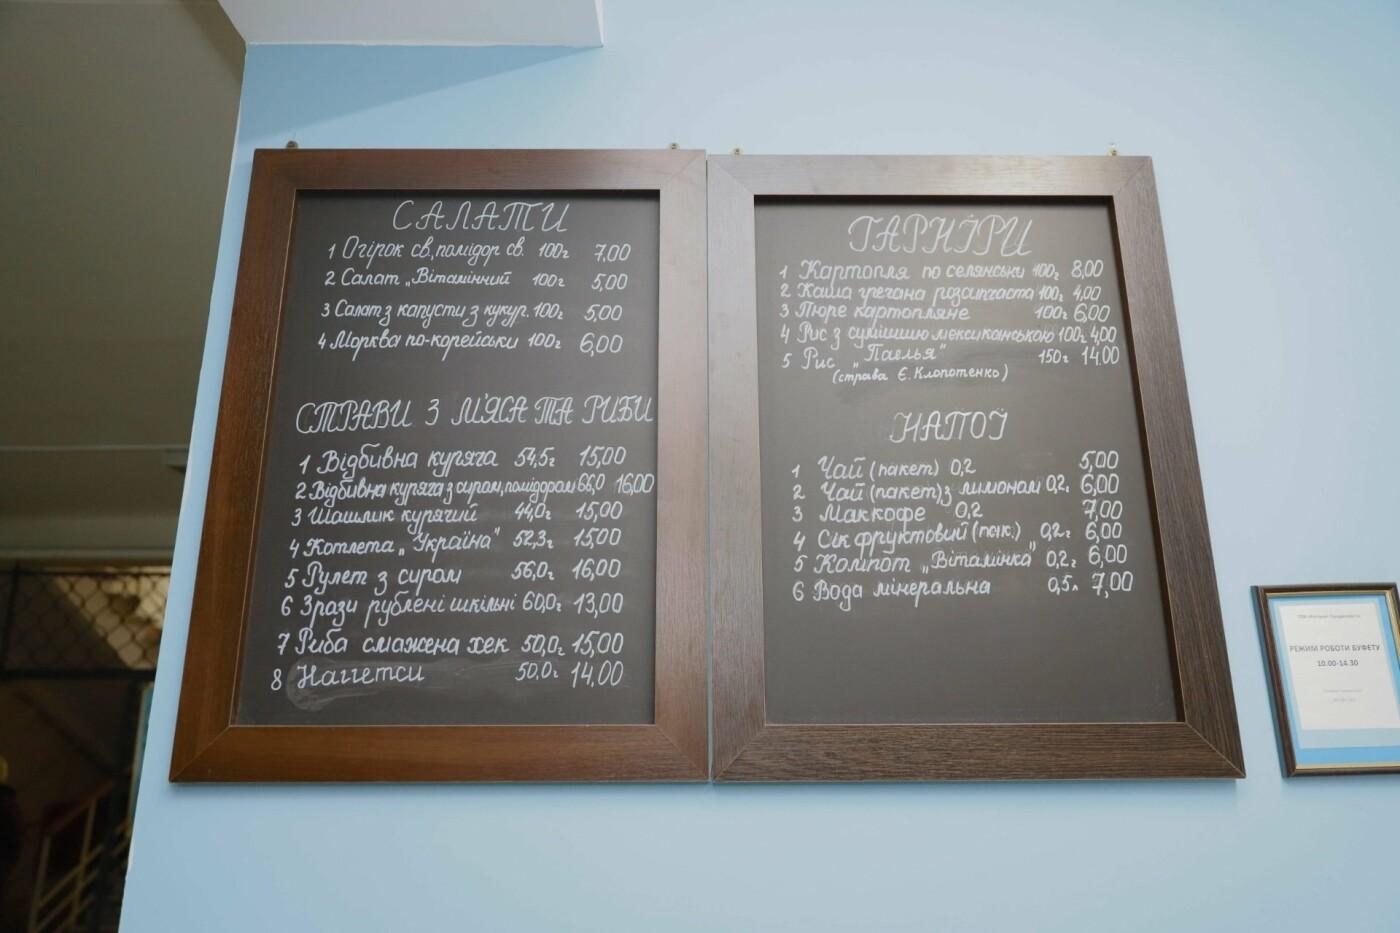 Шведский стол и английский стиль: как кормят школьников в Днепре, - ФОТО, фото-6